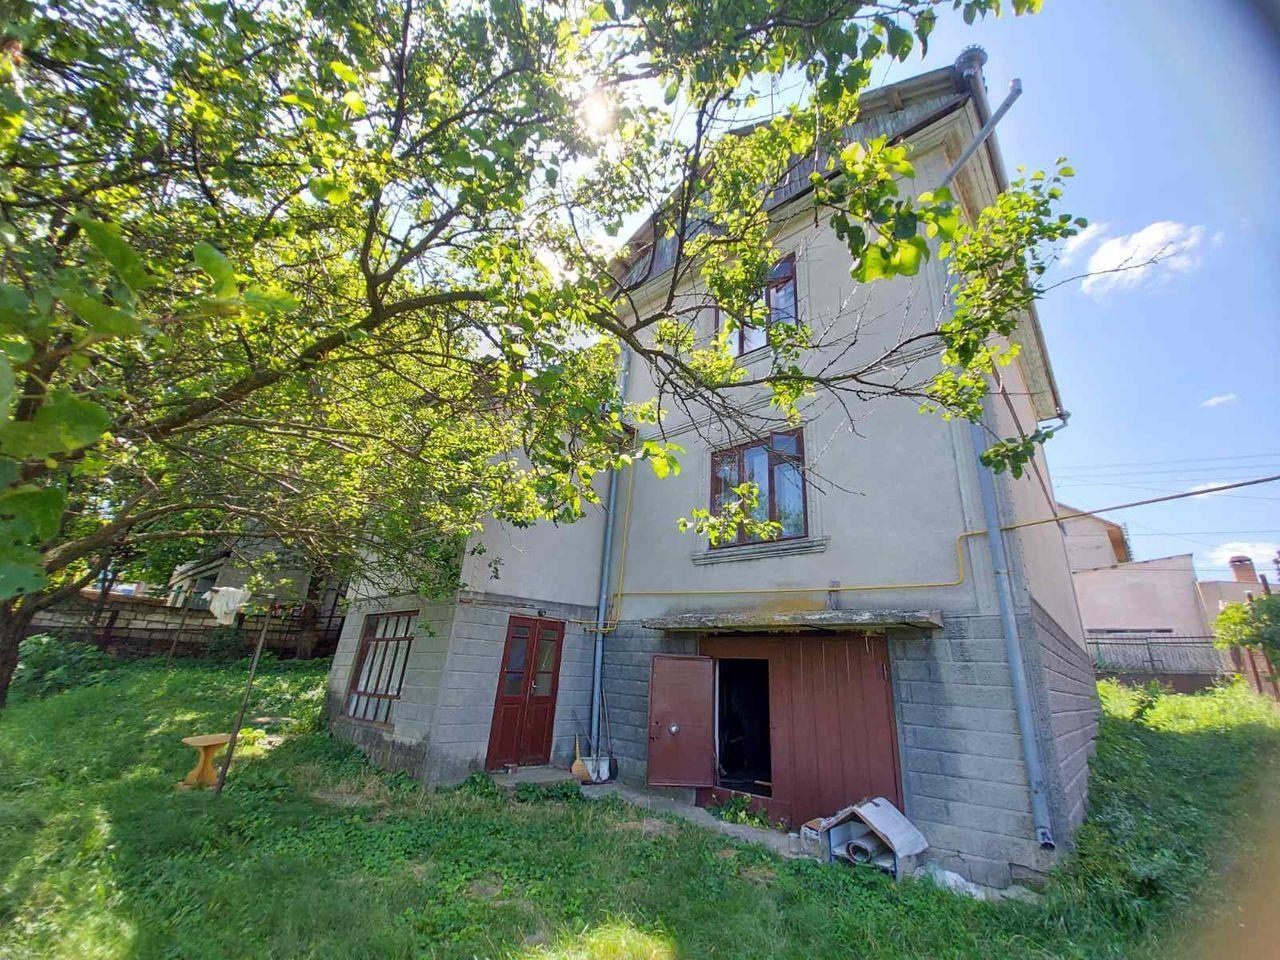 Se vinde lot de pământ 11 ari + casă cu 270 m2 în Stăuceni , str-la Dumitru Matcovschi